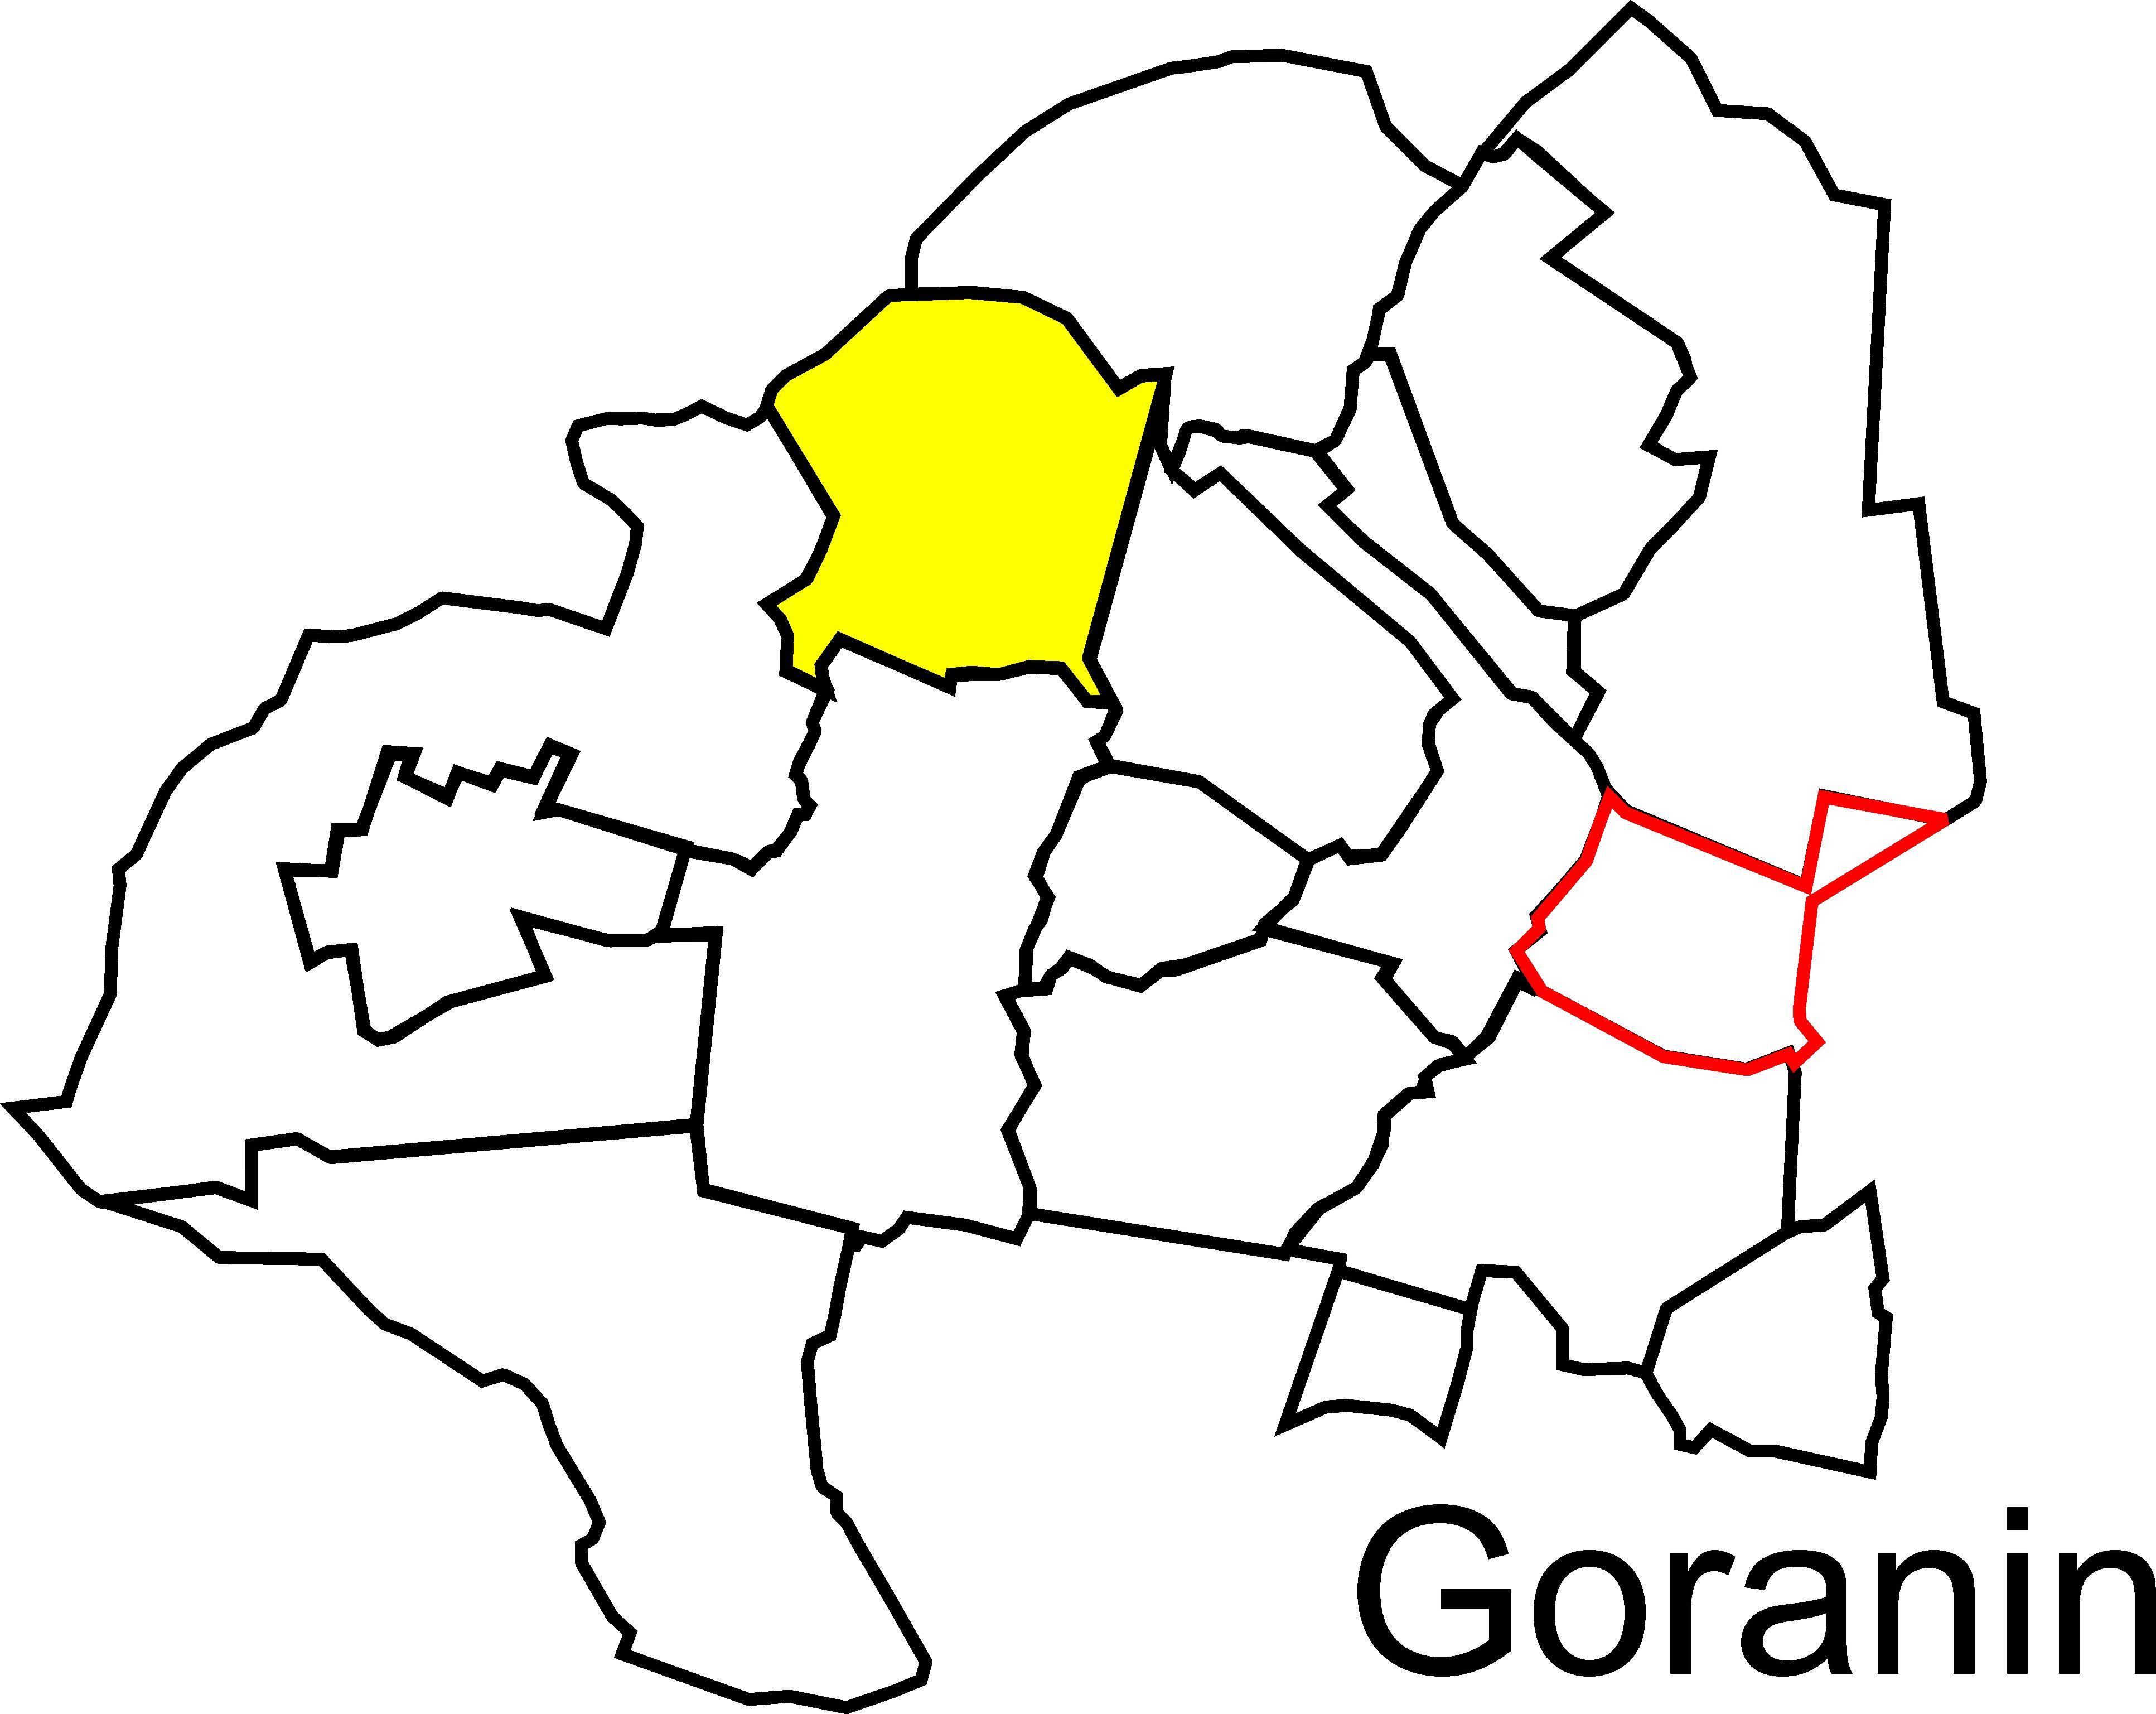 - goranin_g.jpg